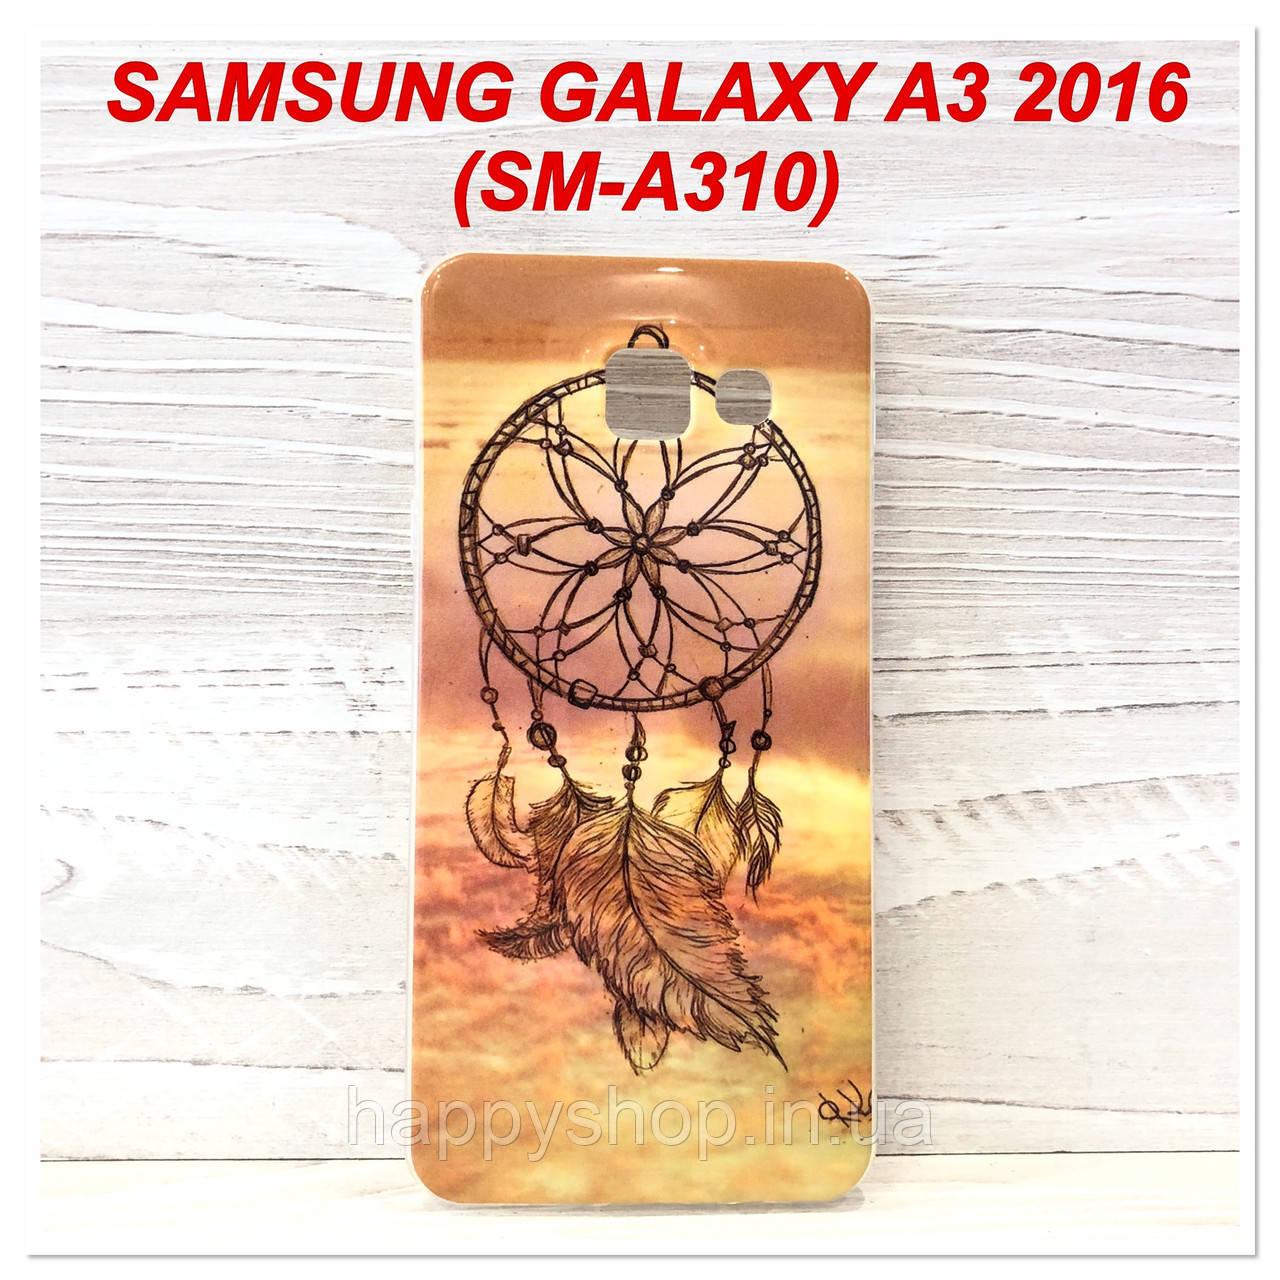 Силиконовый чехол с рисунком для Samsung Galaxy A3 2016 (SM-A310) Dream Catcher